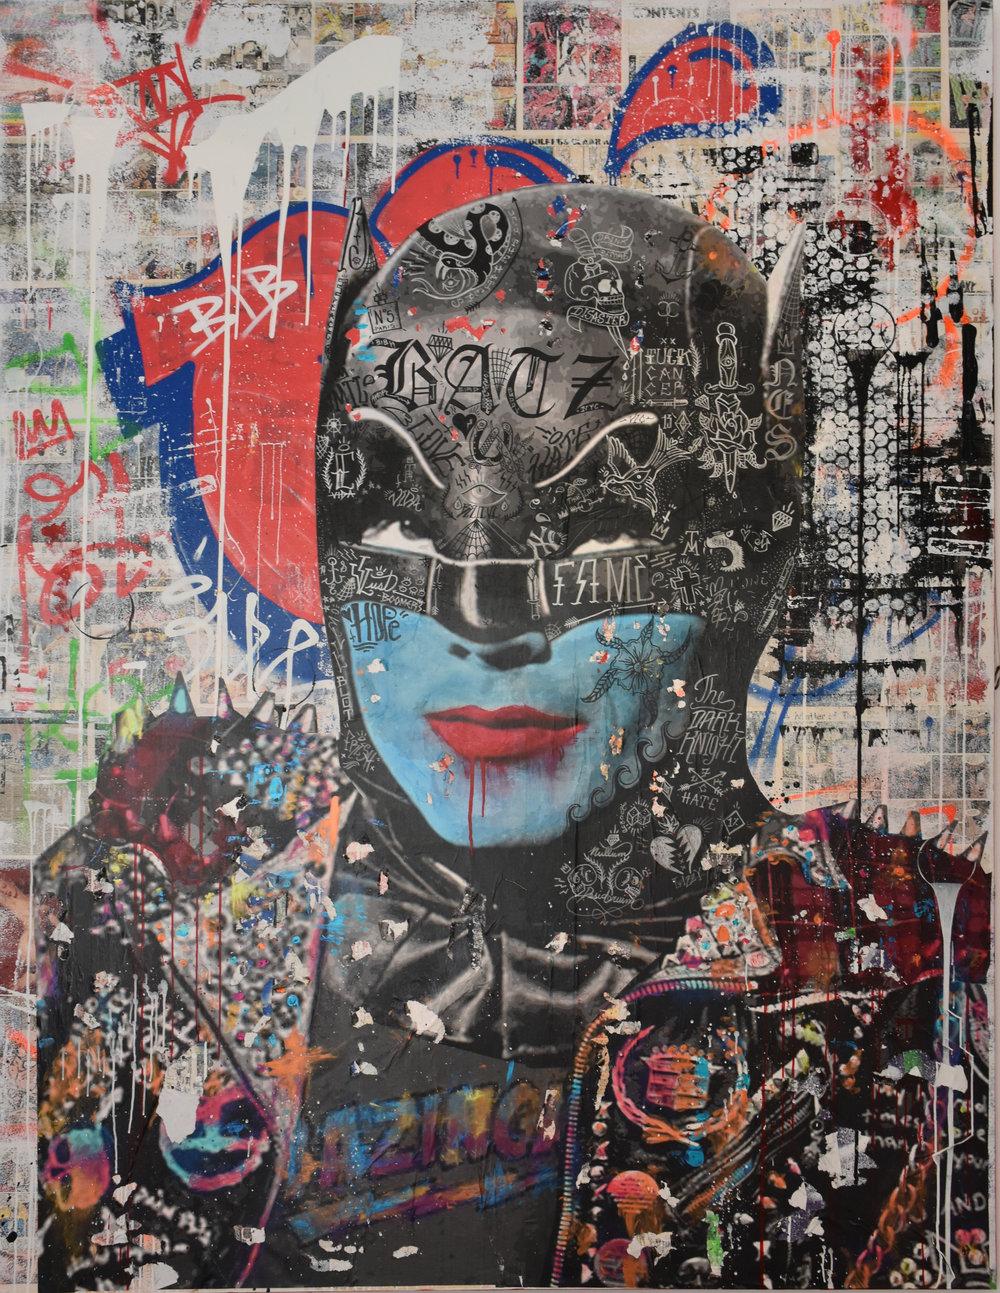 Bazinga Batz - Mixed media on canvas244 x 188 cm